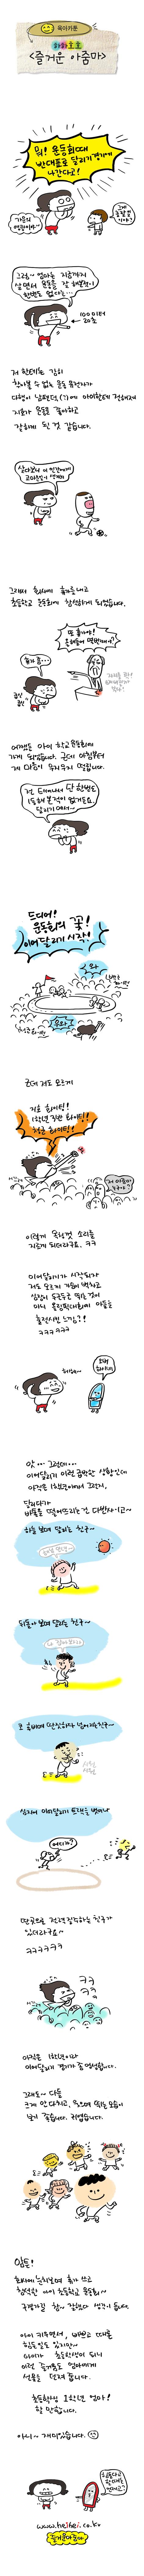 한겨레베이비트리육아카툰초등운동회.jpg